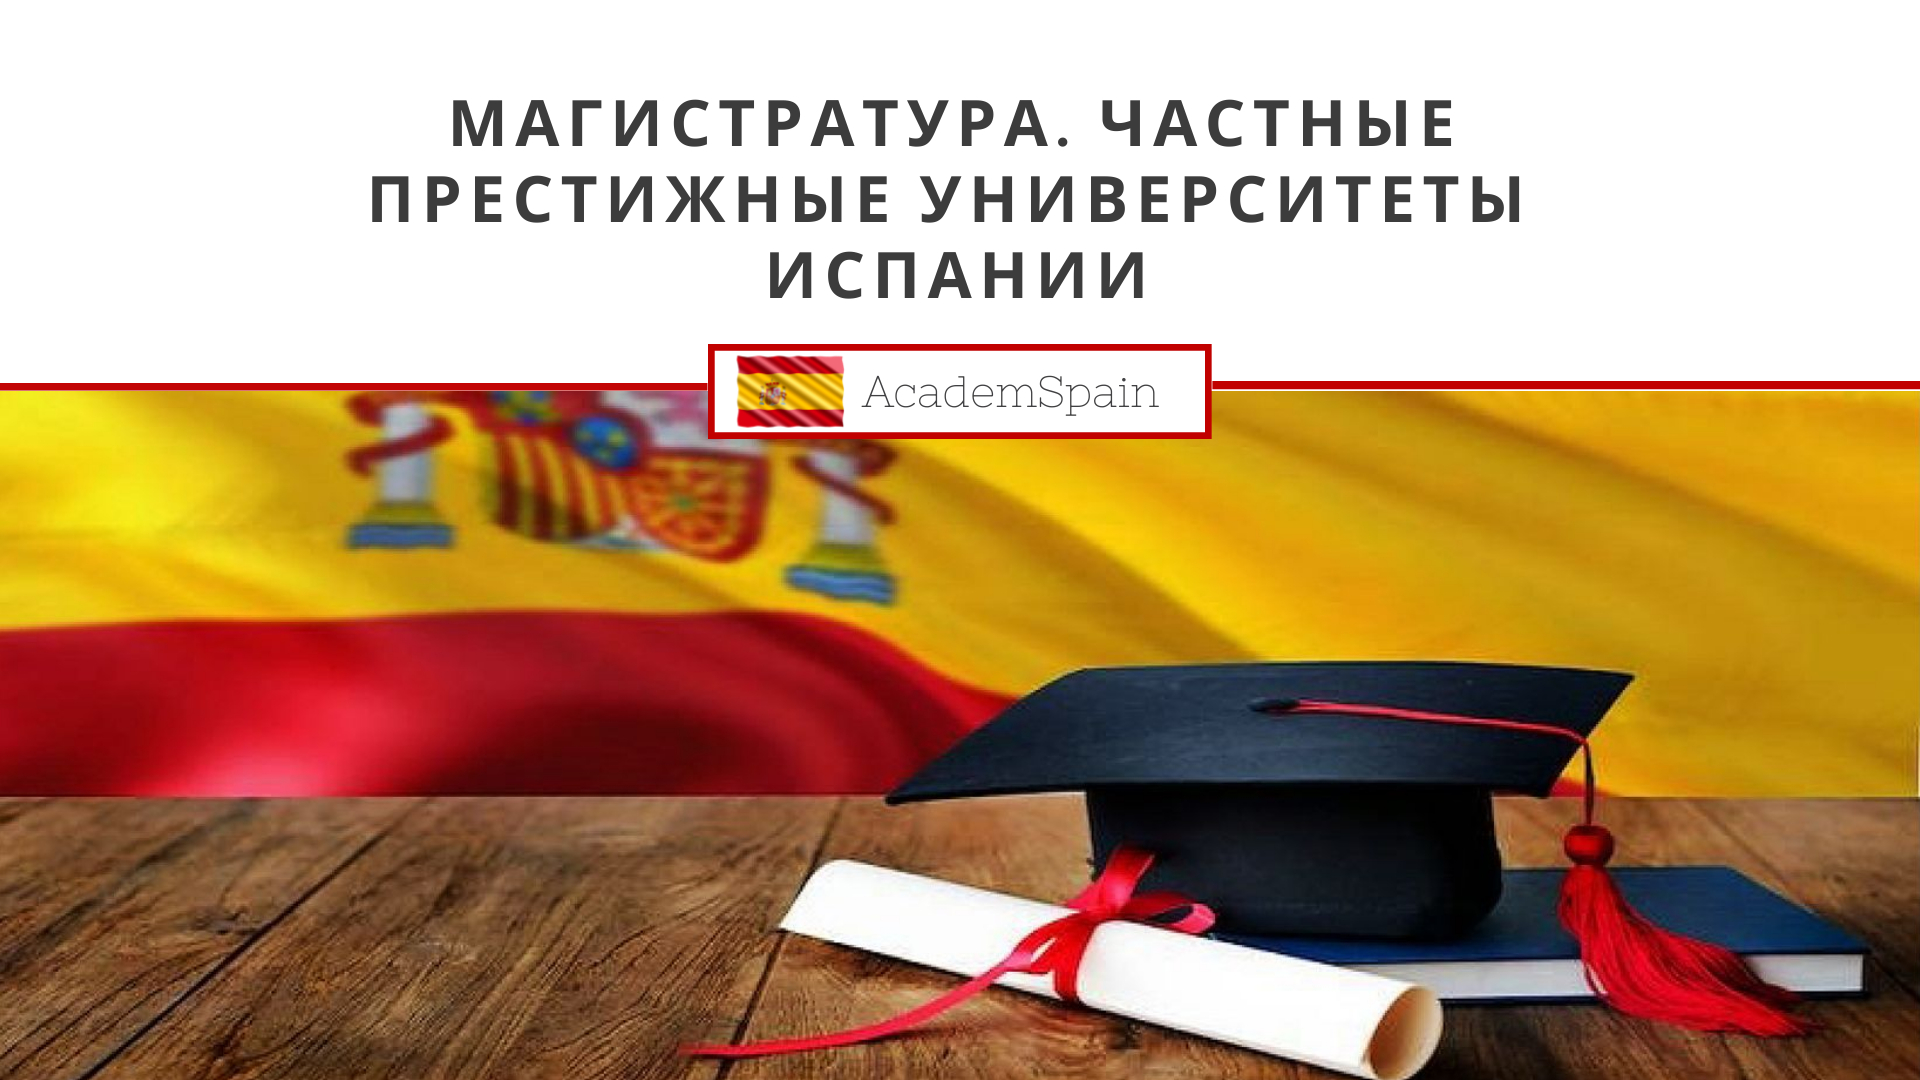 Магистратура. Частные престижные университеты Испании